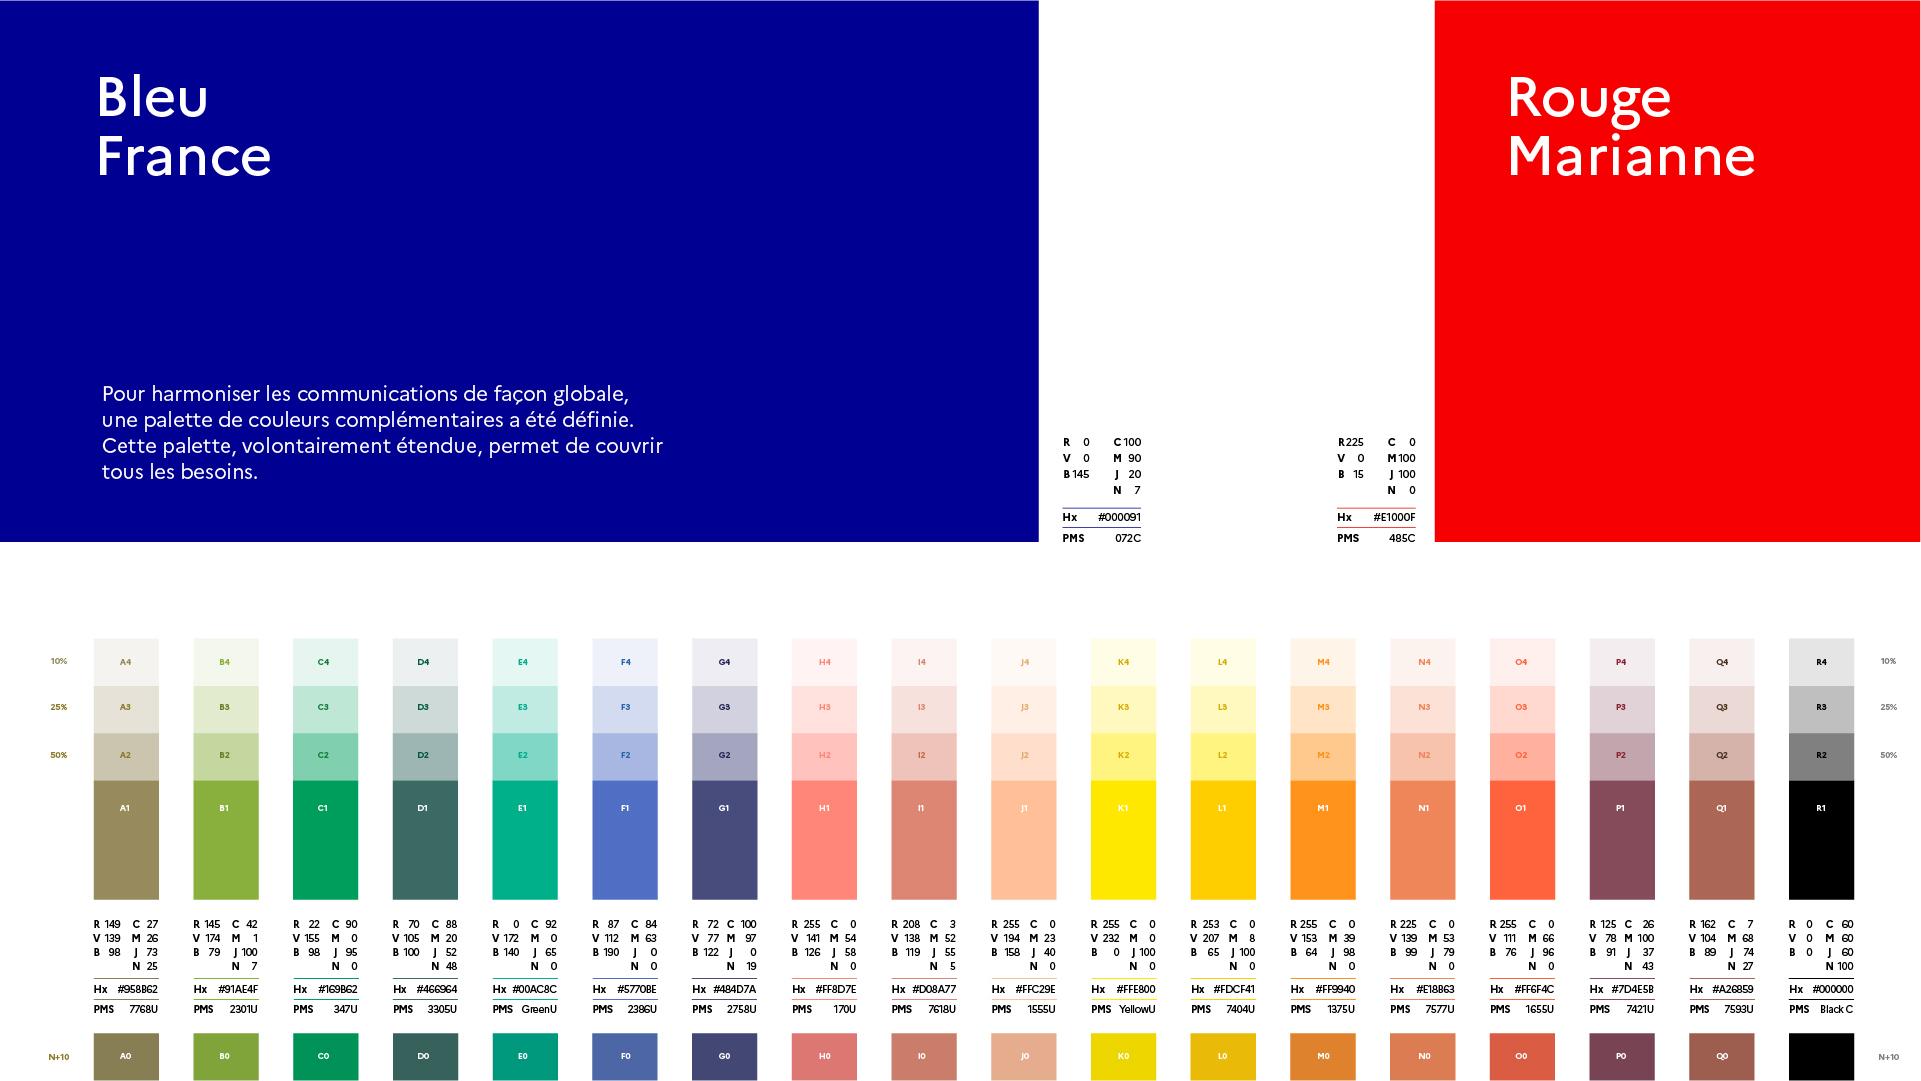 Palette de couleurs avec le Bleu France et le Rouge Marianne